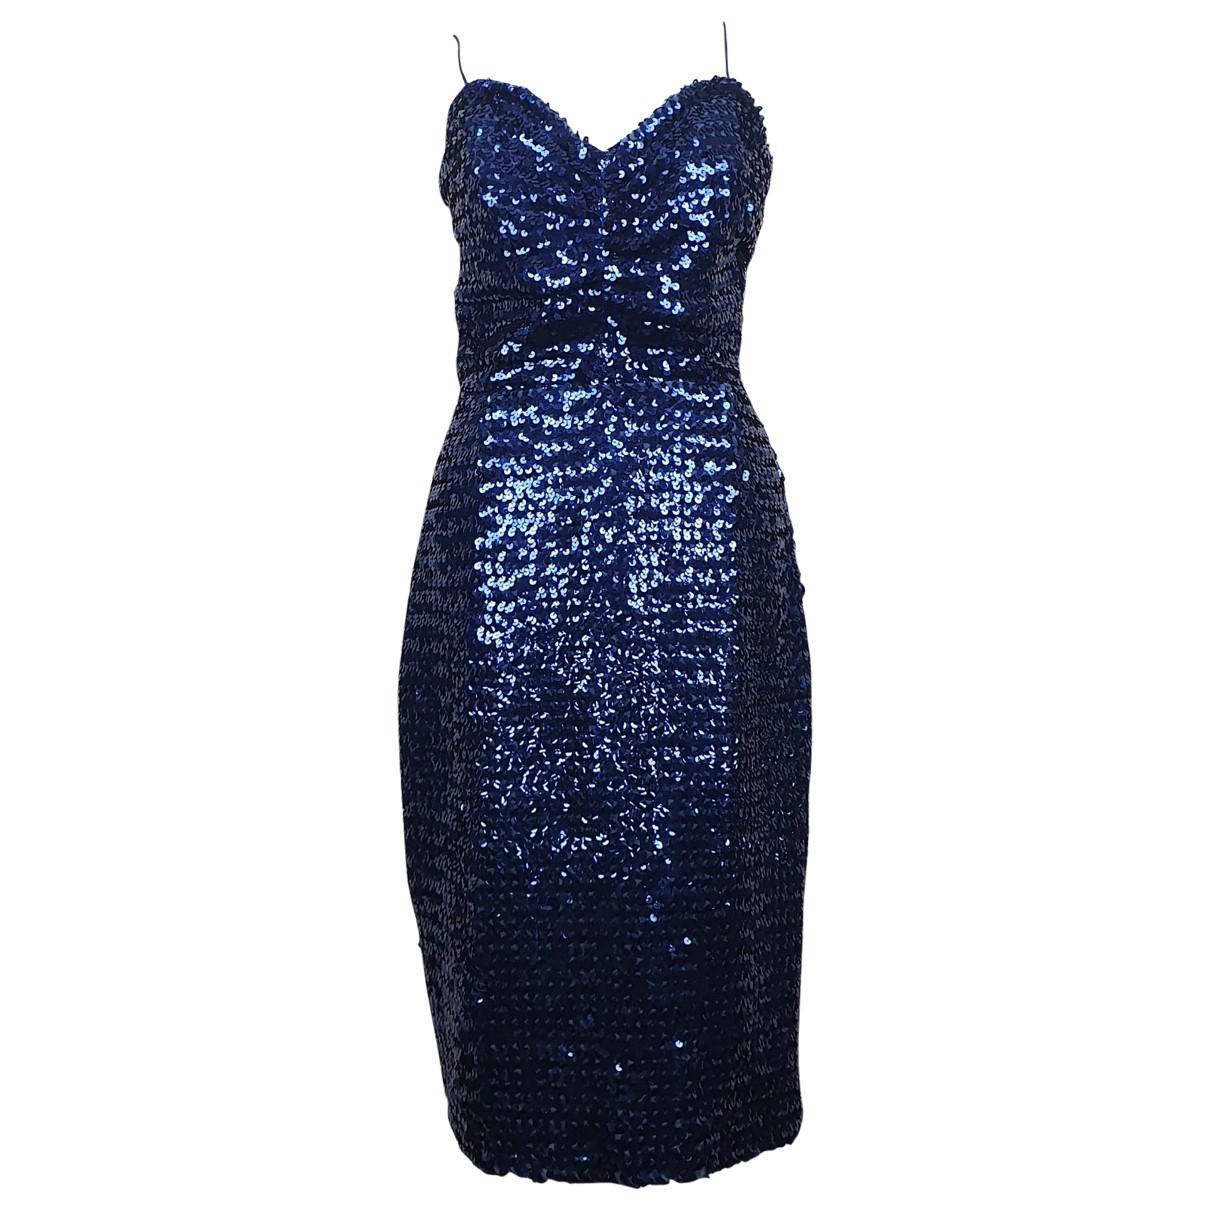 Pierre Cardin - Robe   pour femme en a paillettes - bleu